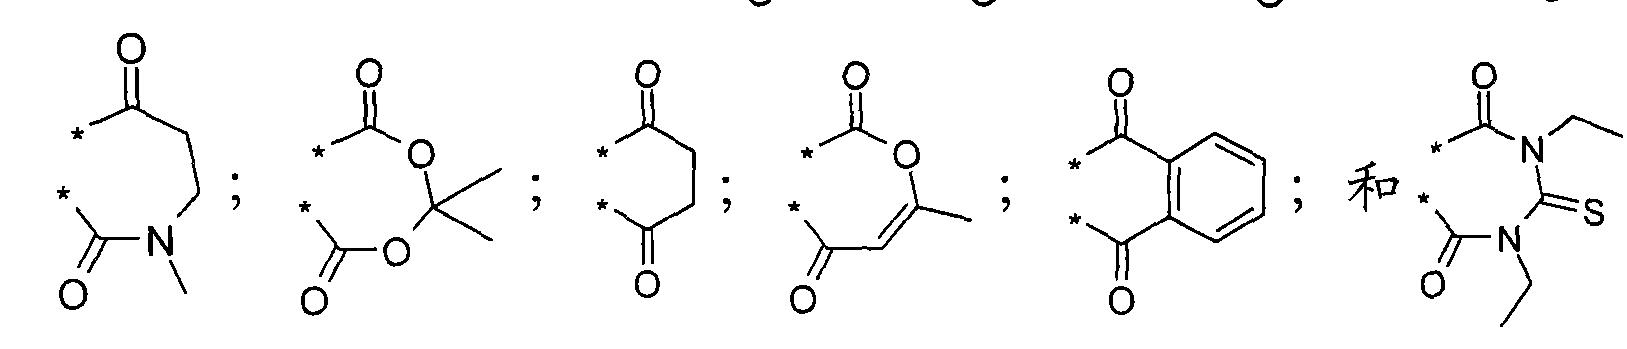 Figure CN101277674BD00132